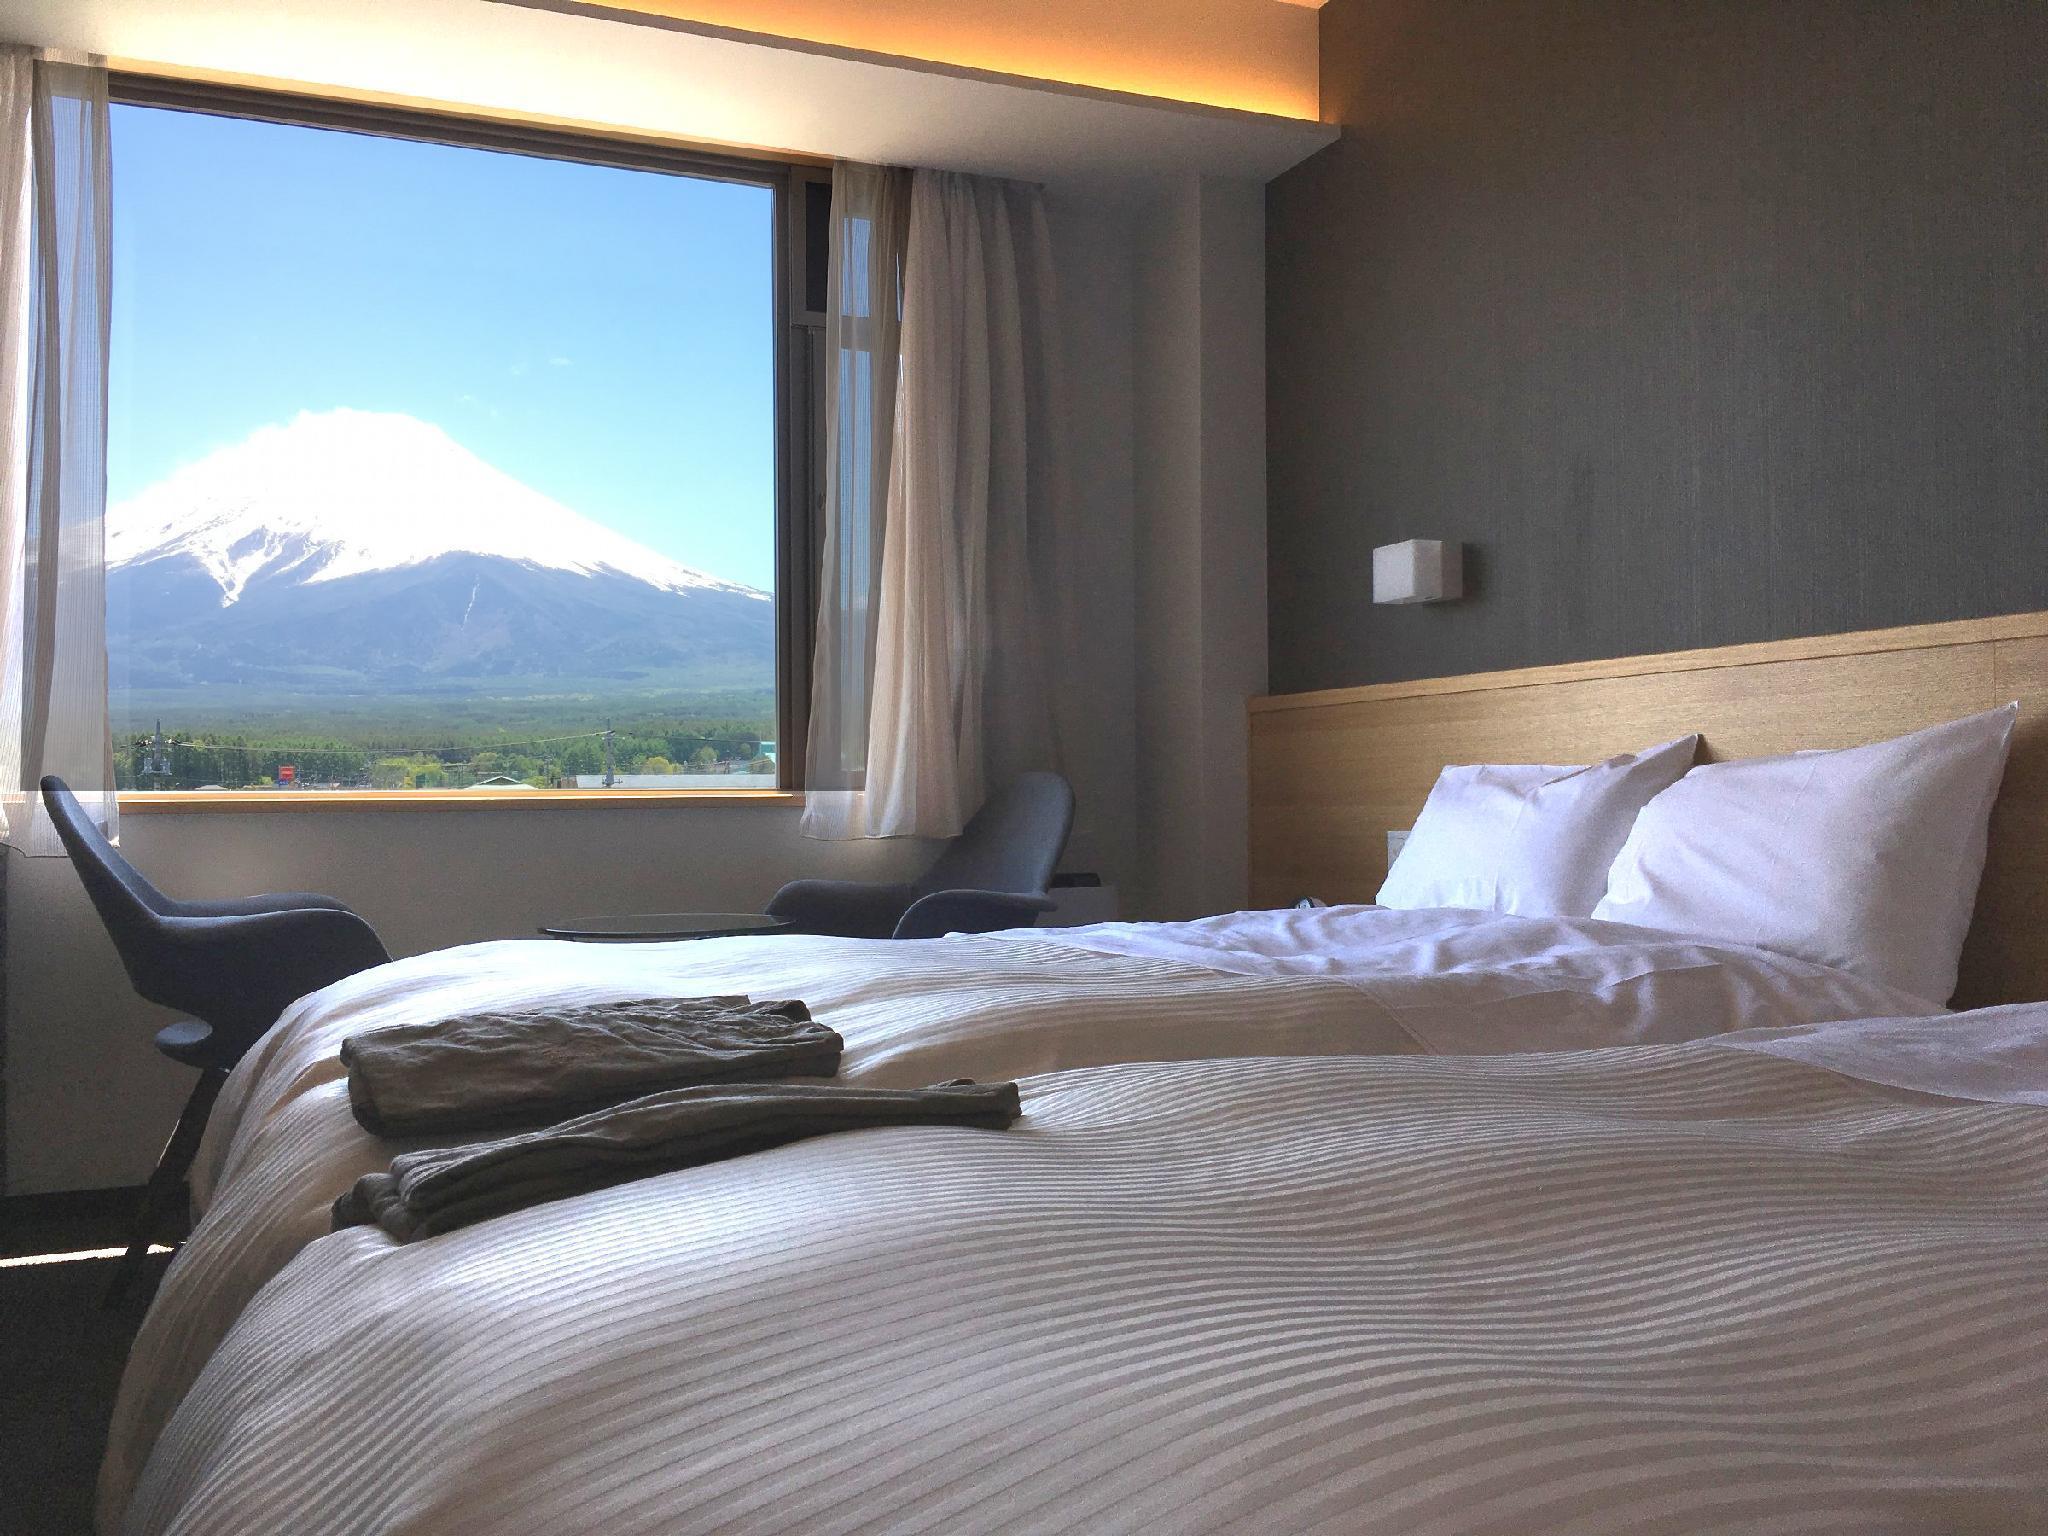 The Noborisaka Hotel